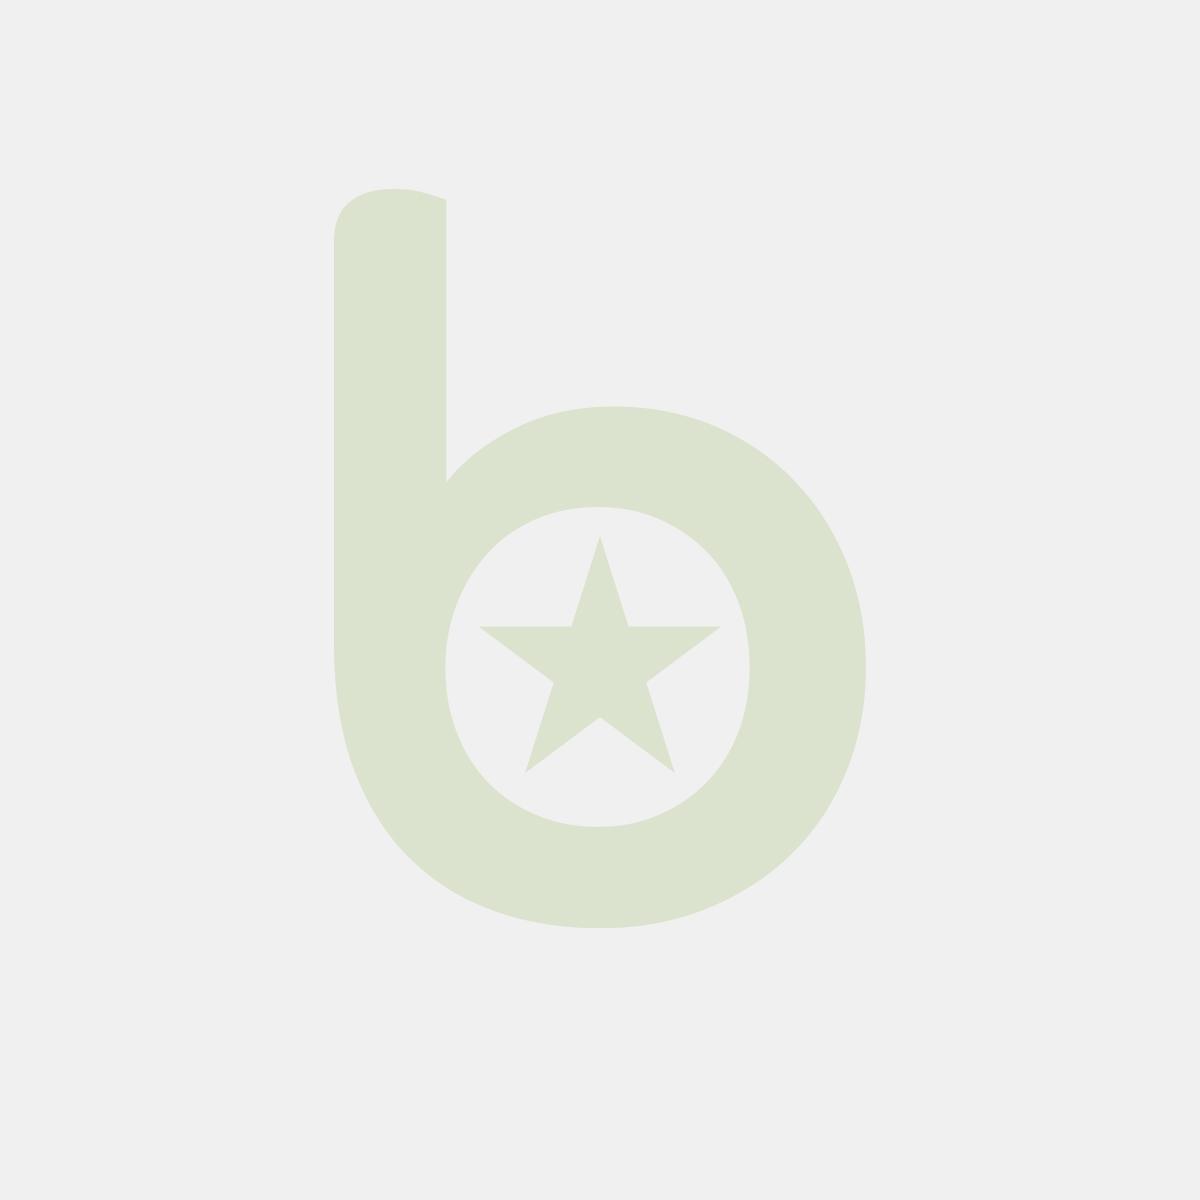 Akacja - ekspozytor chłodniczo-grzejący z pokrywą, GN1/1